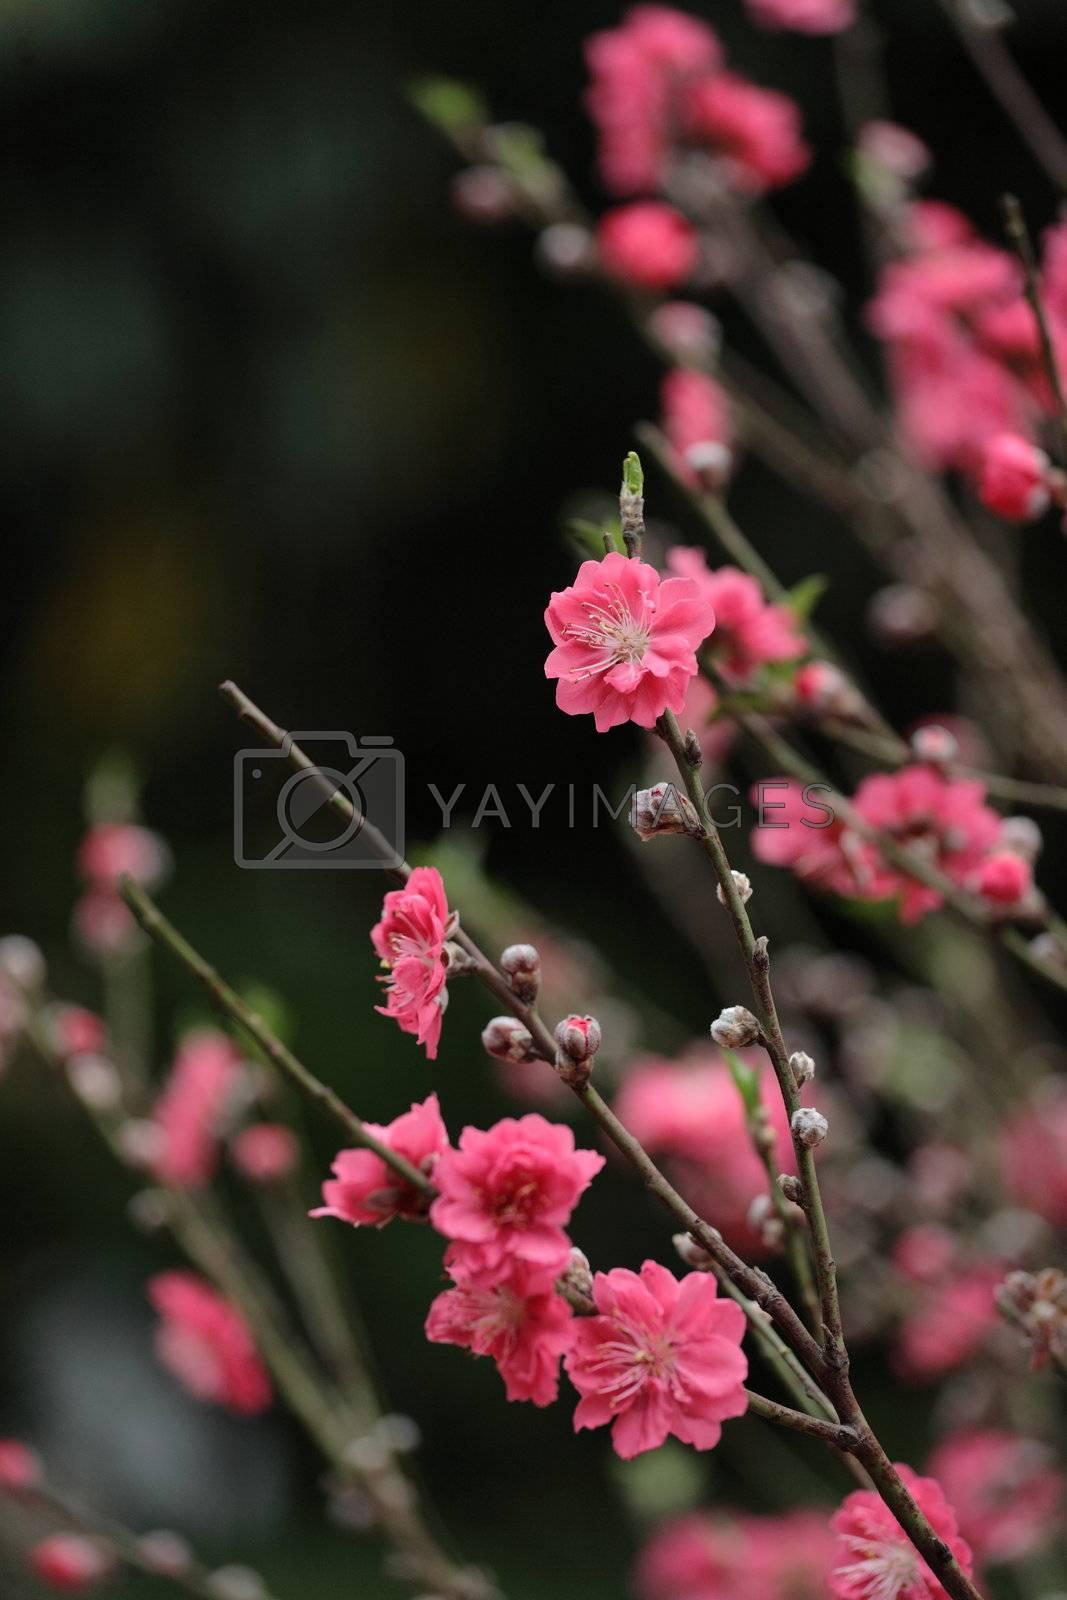 peach blossom by leungchopan